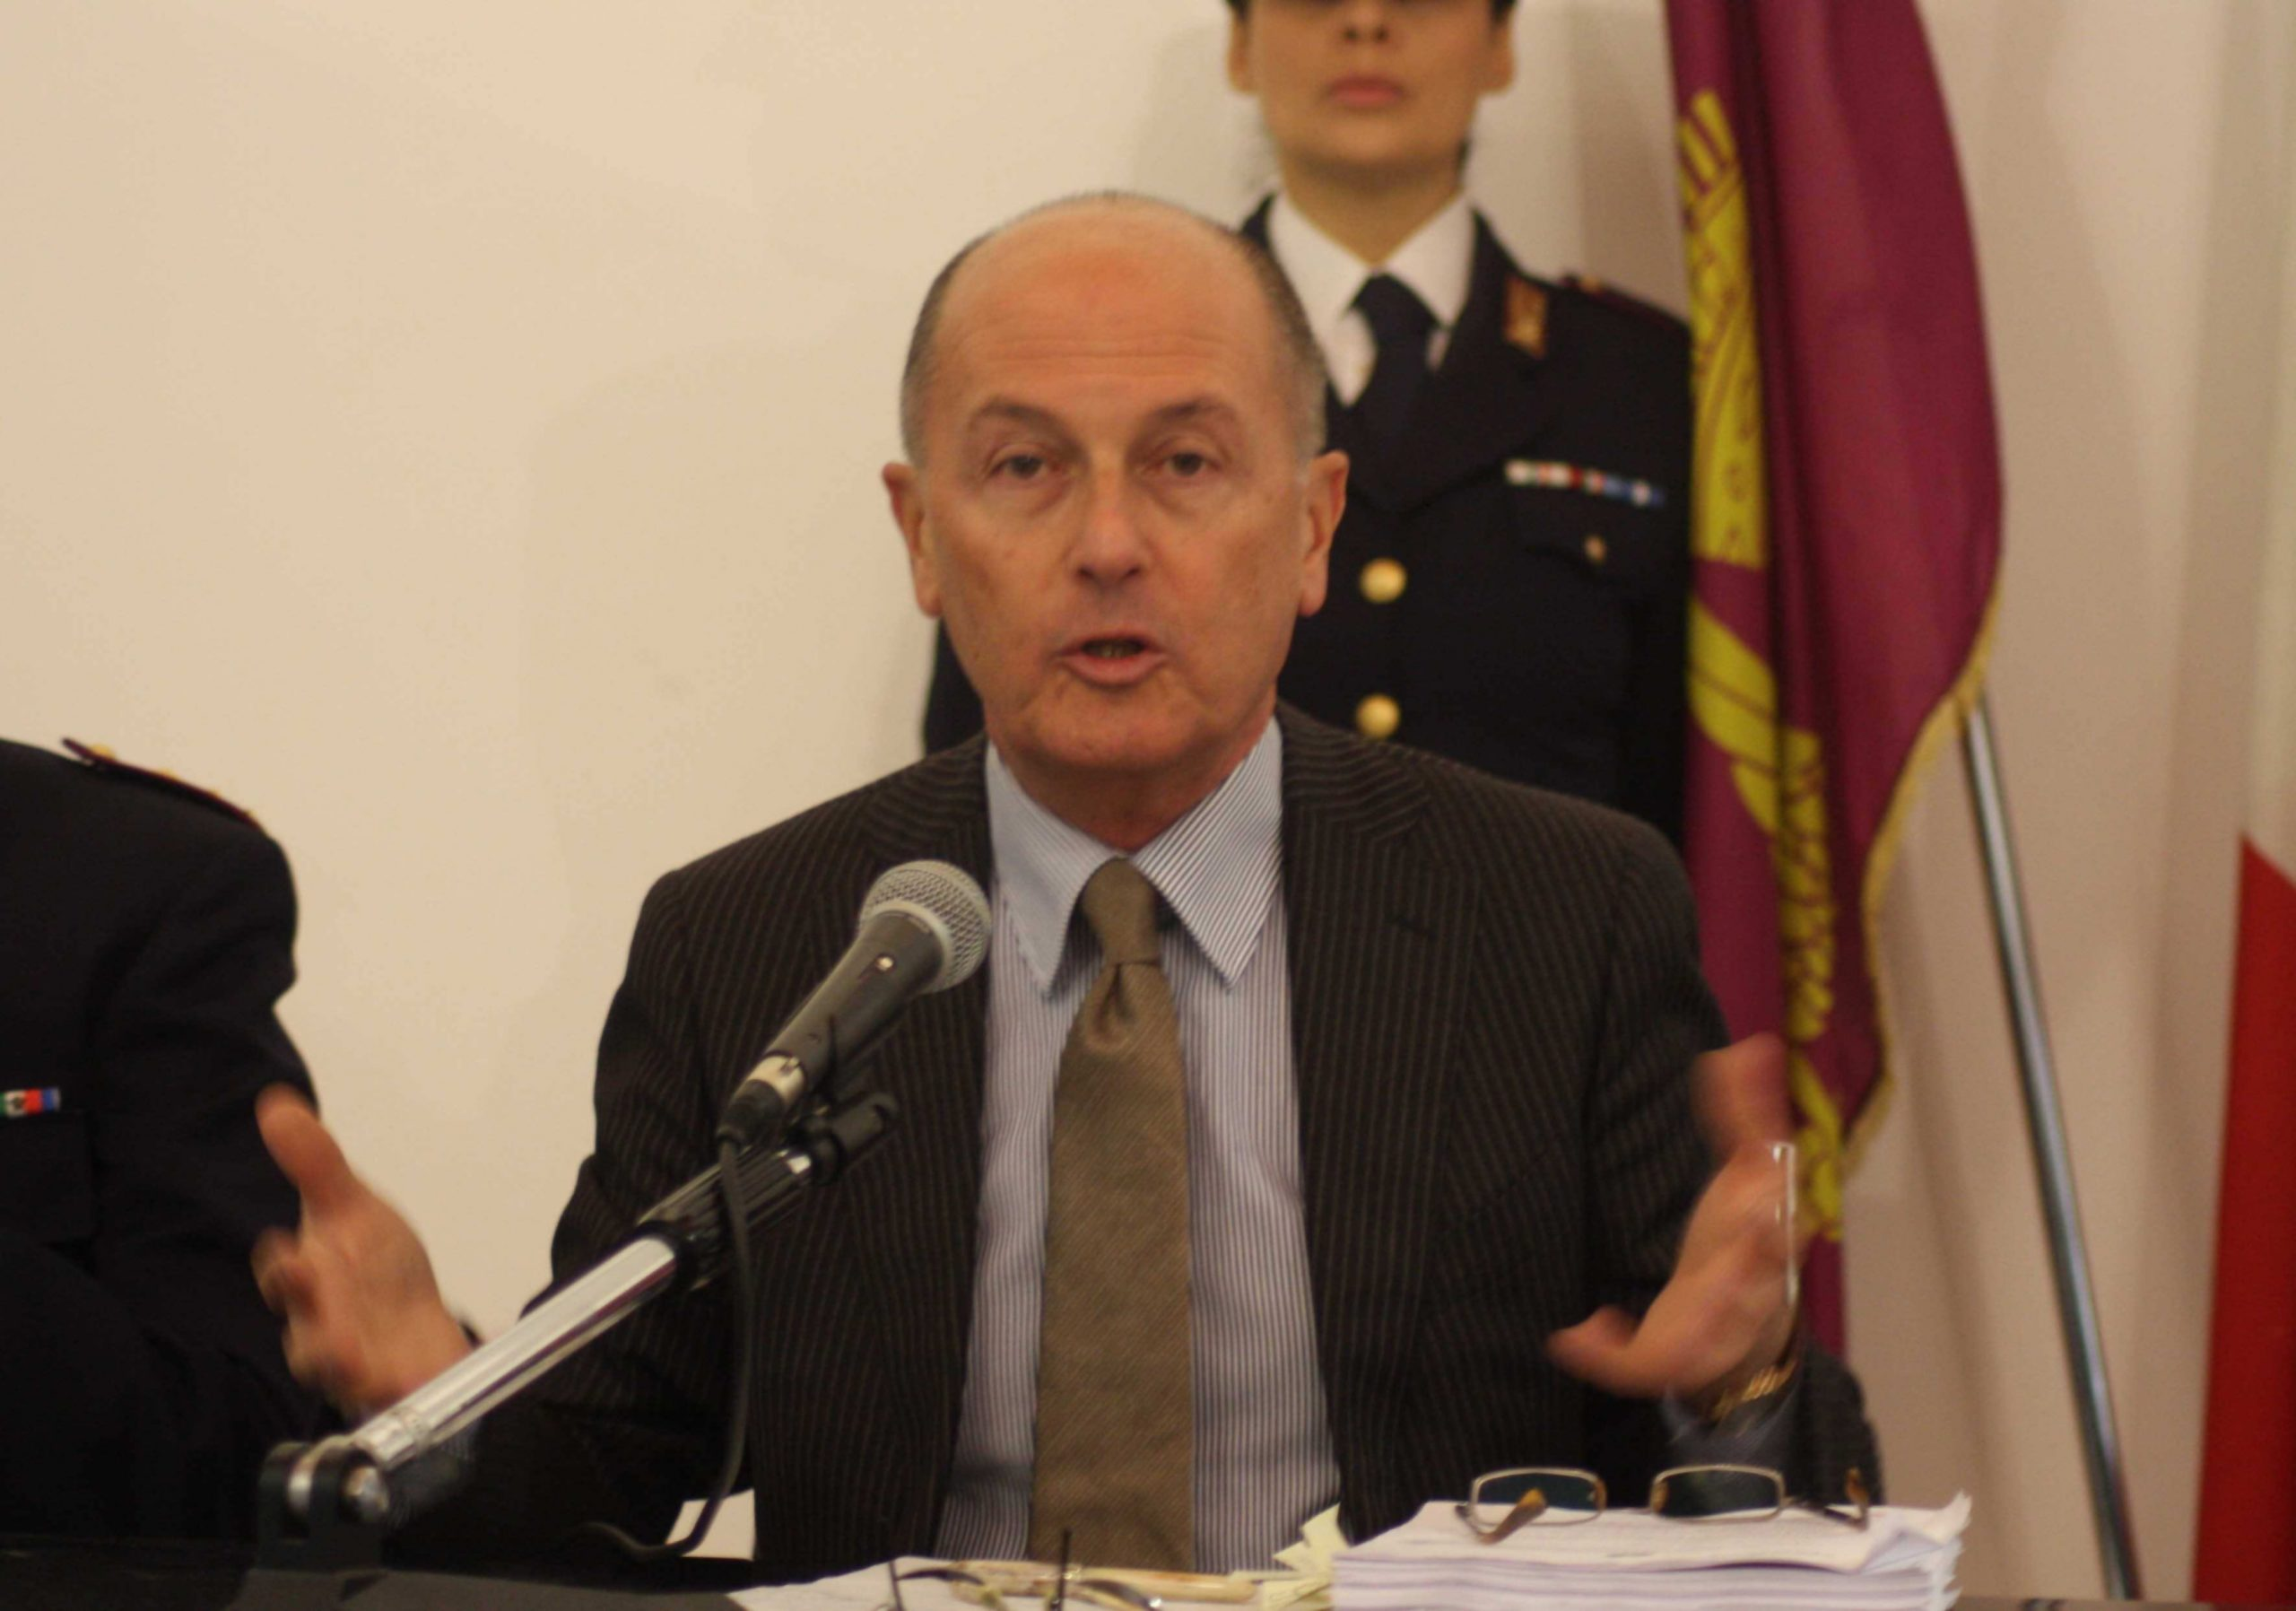 Collaboratori di giustizia, Dino Petralia: «C'è distacco» – INTERVISTA